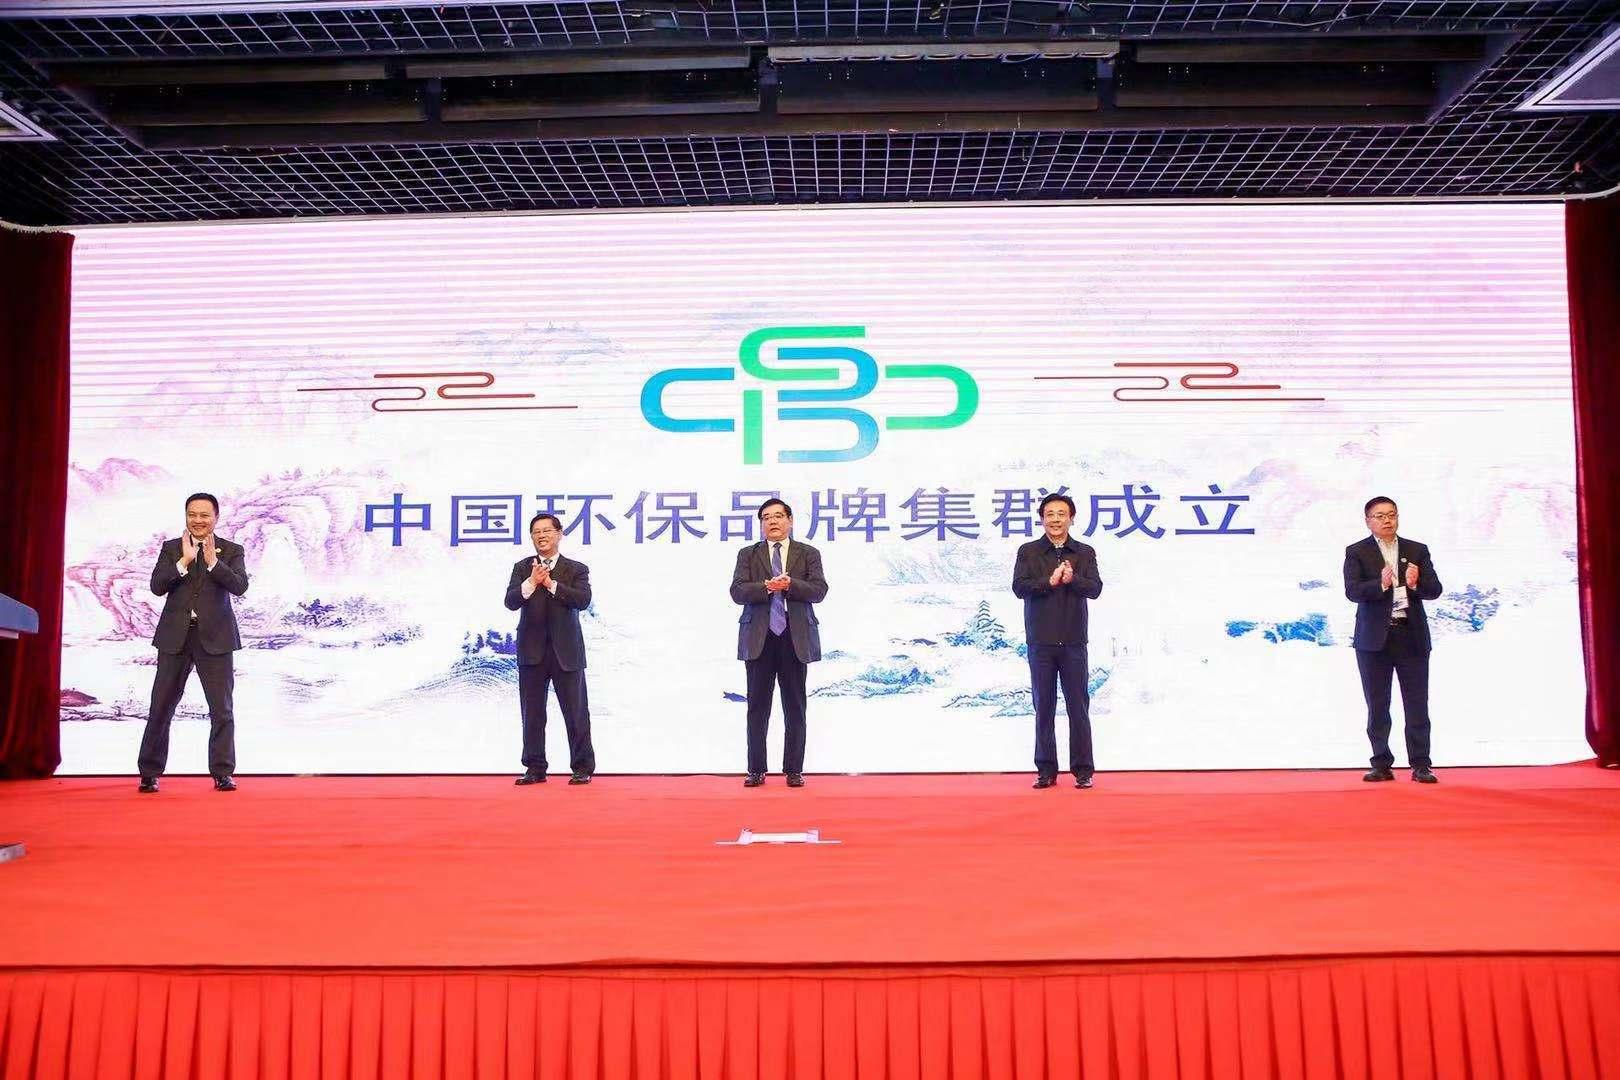 中国环保品牌集群成立大会在京举行积极践行绿色发展理念